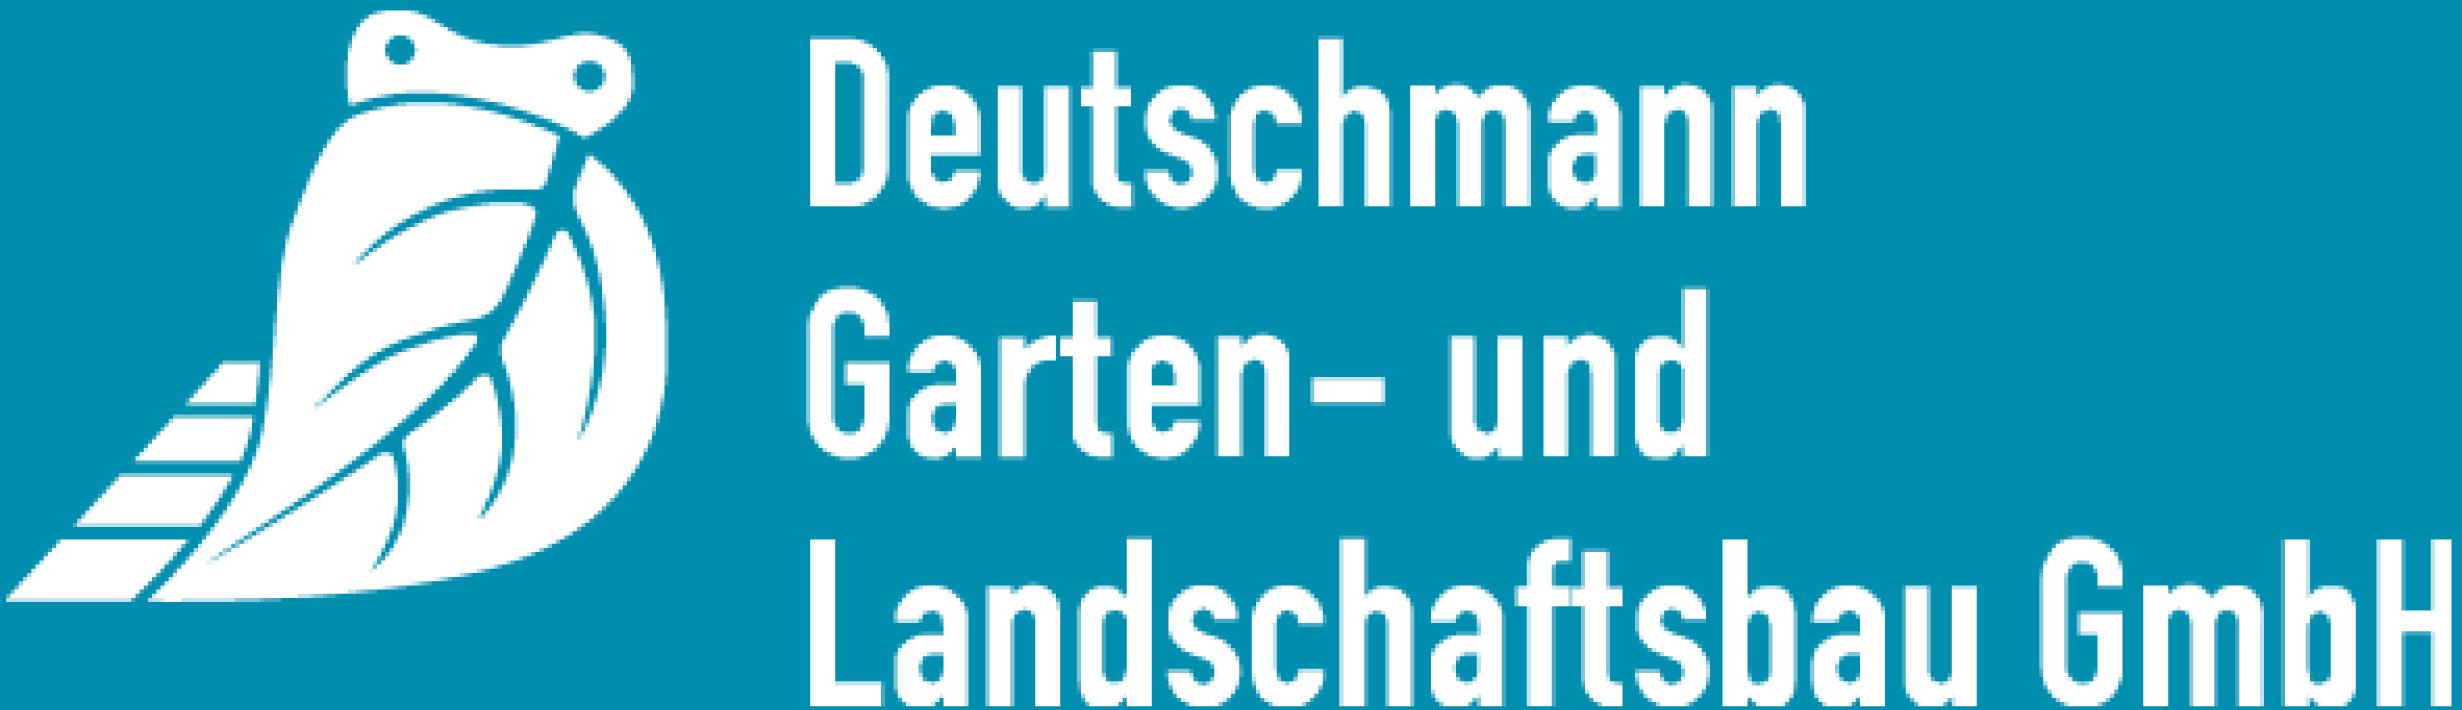 logo deutschmann